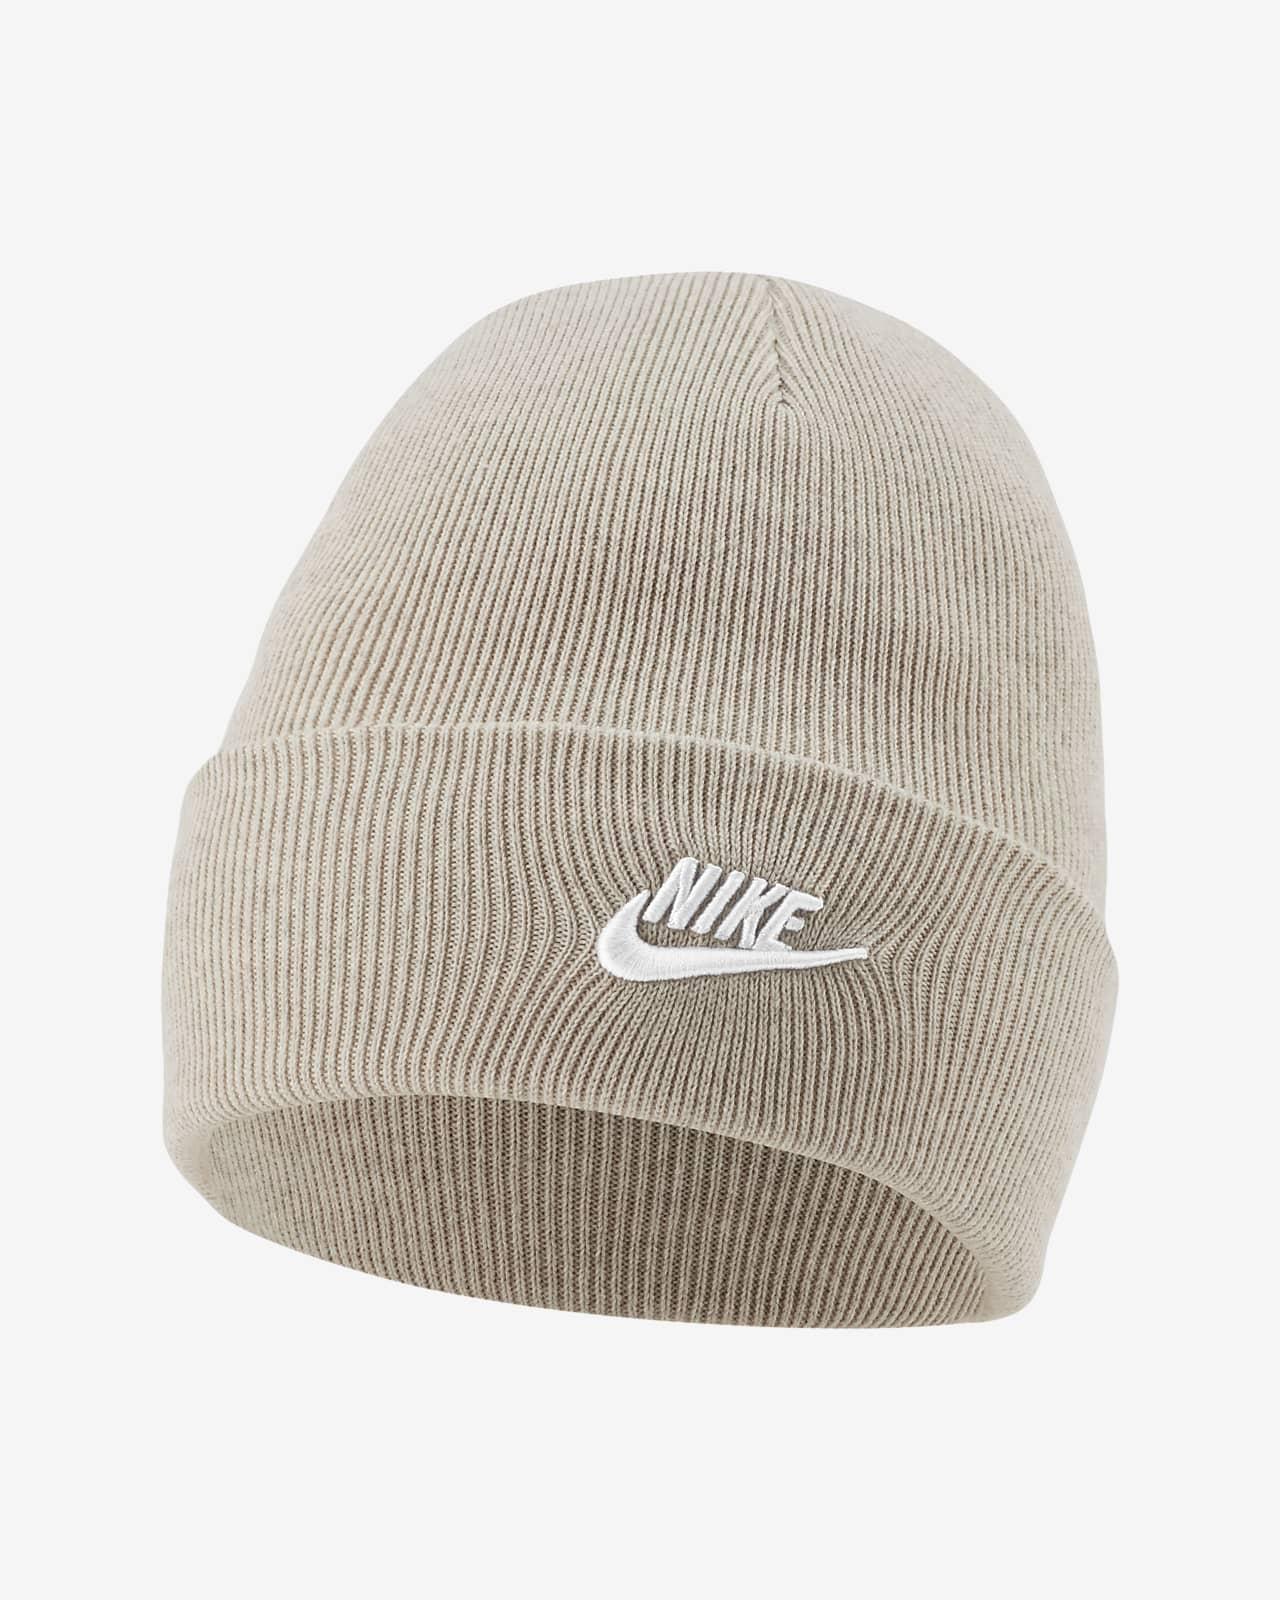 Nike Sportswear Utility Beanie